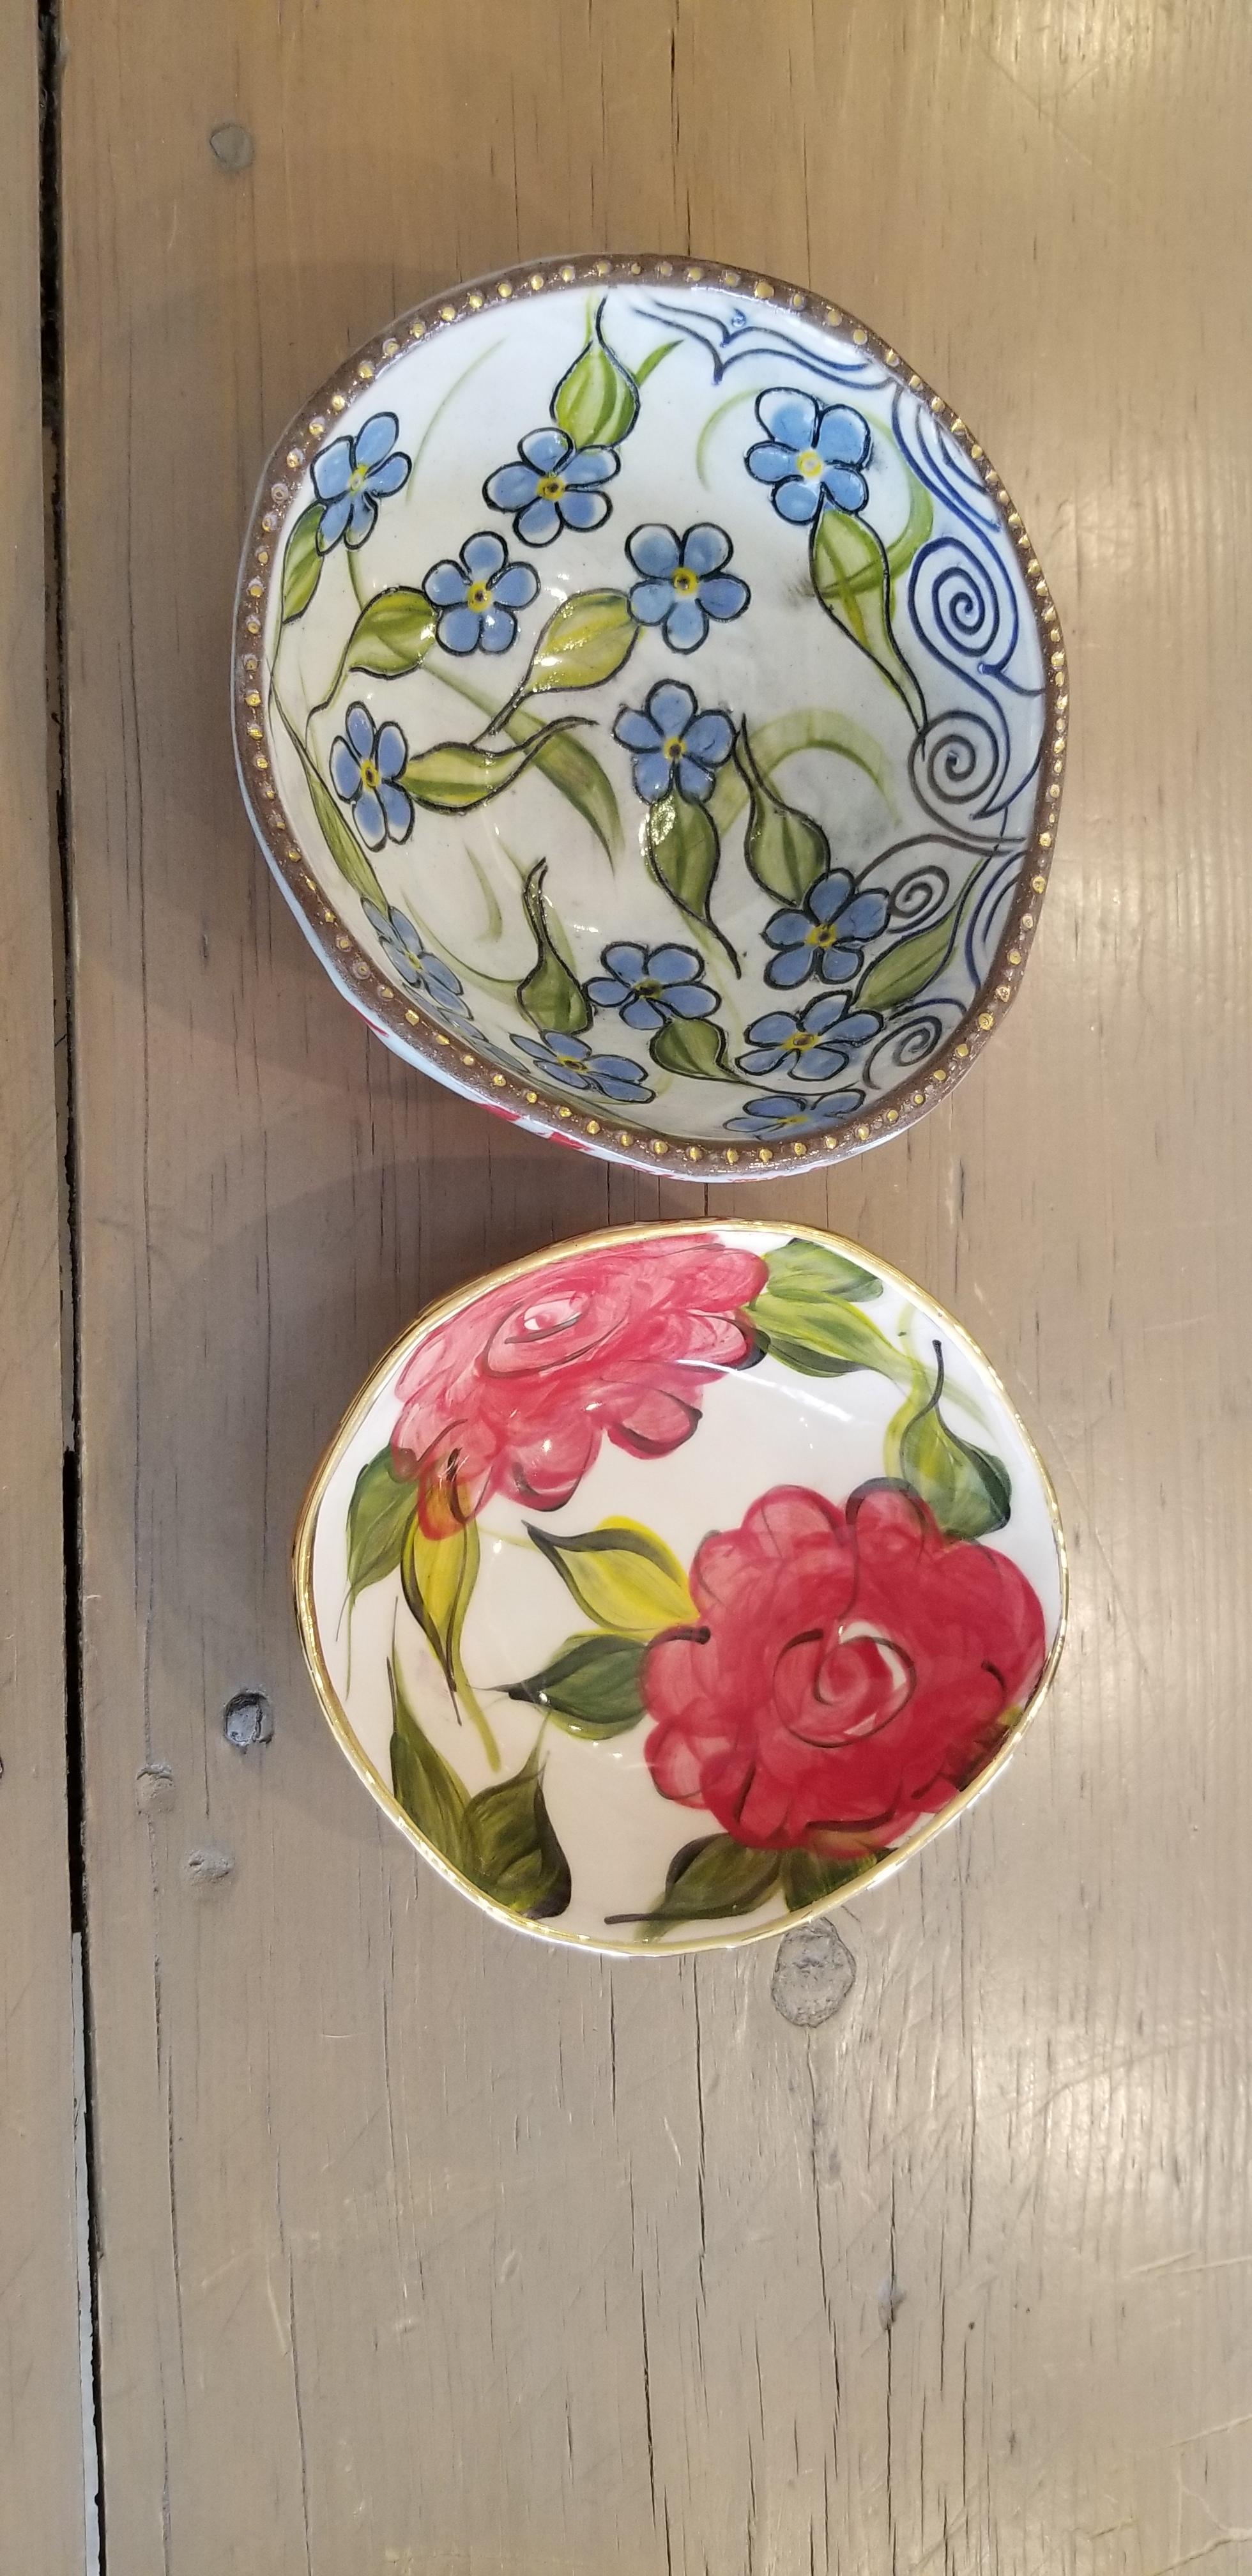 Romney ceramics